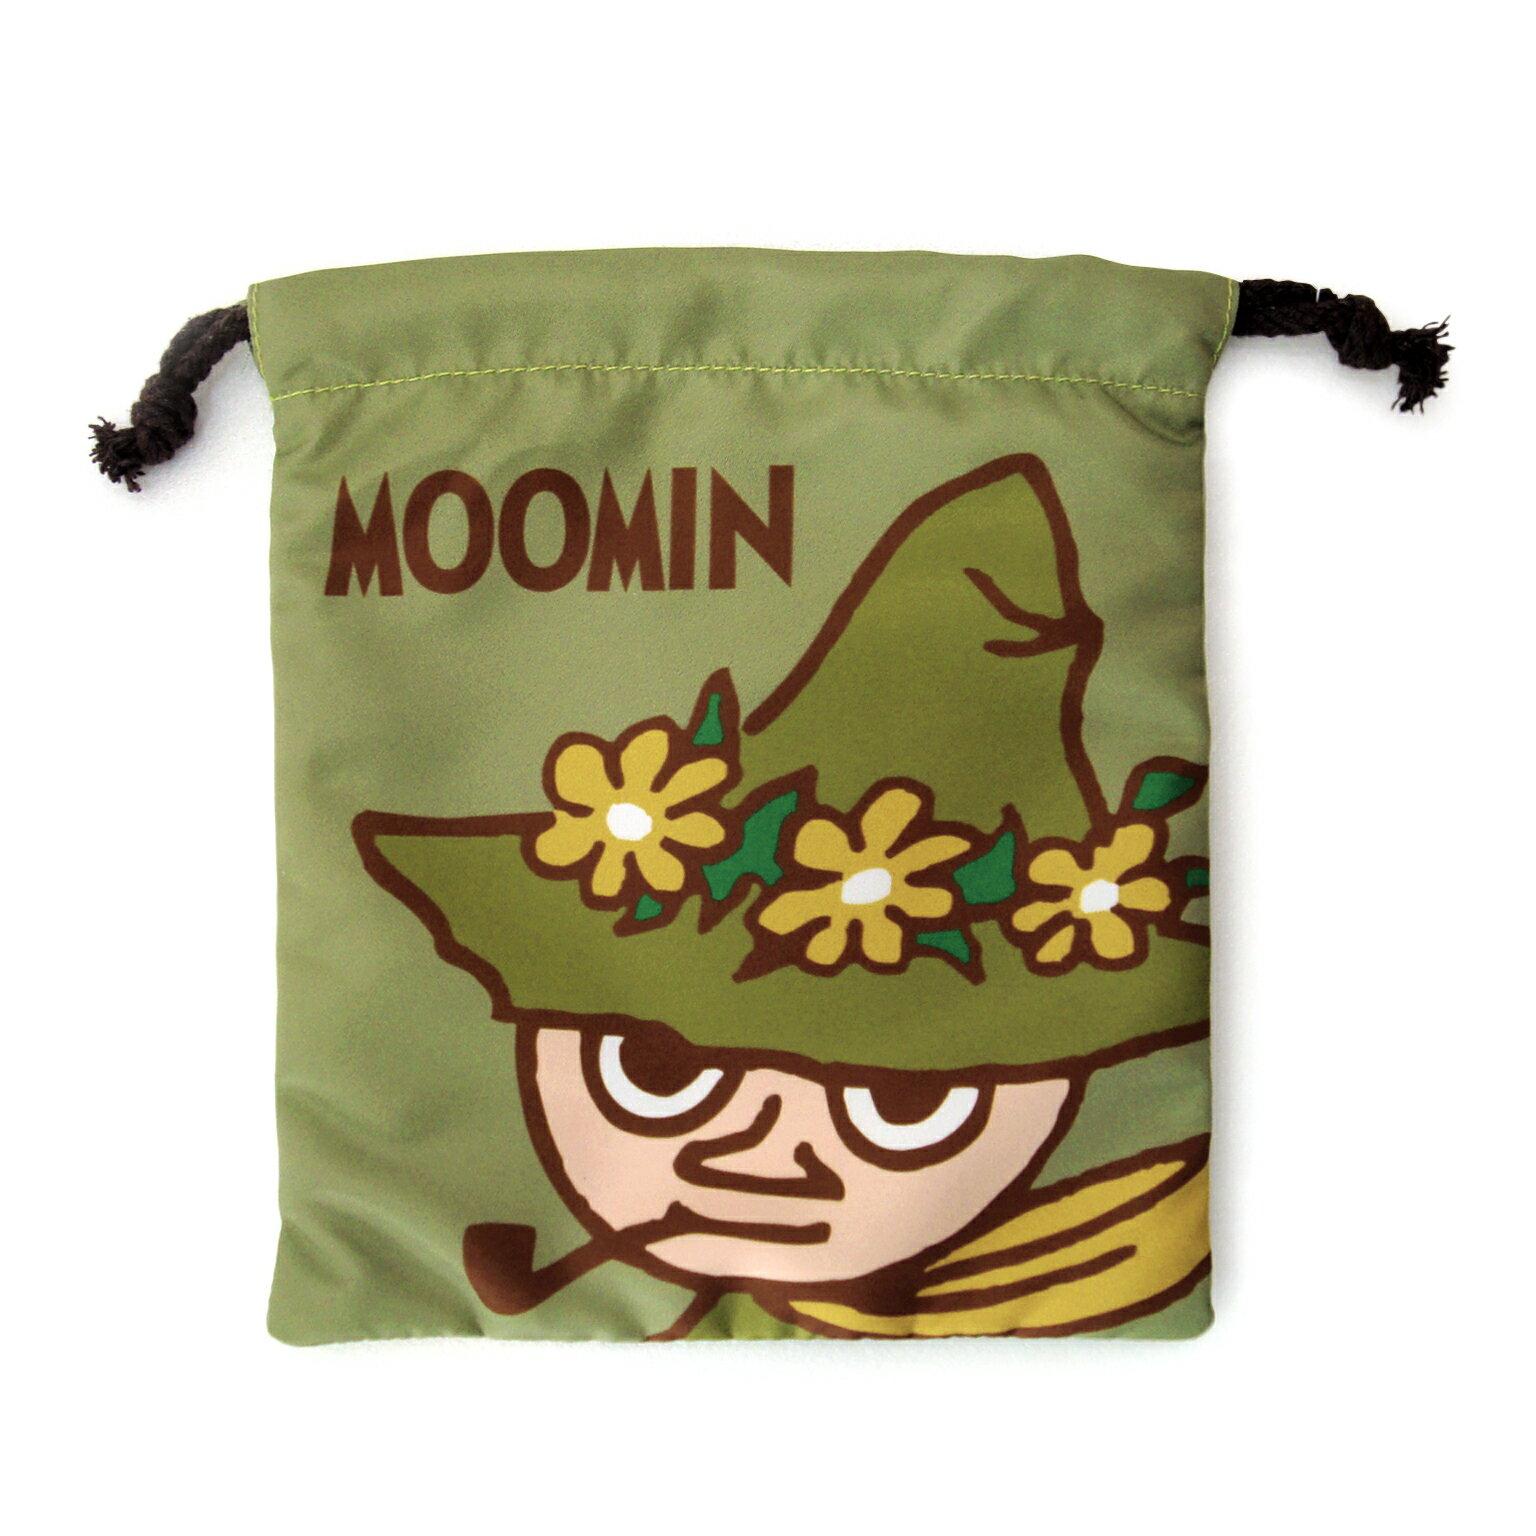 ~禾宜 ~ Moomin 嚕嚕米 阿金^(綠色^) 束口袋 束口包 小提袋 包  M102